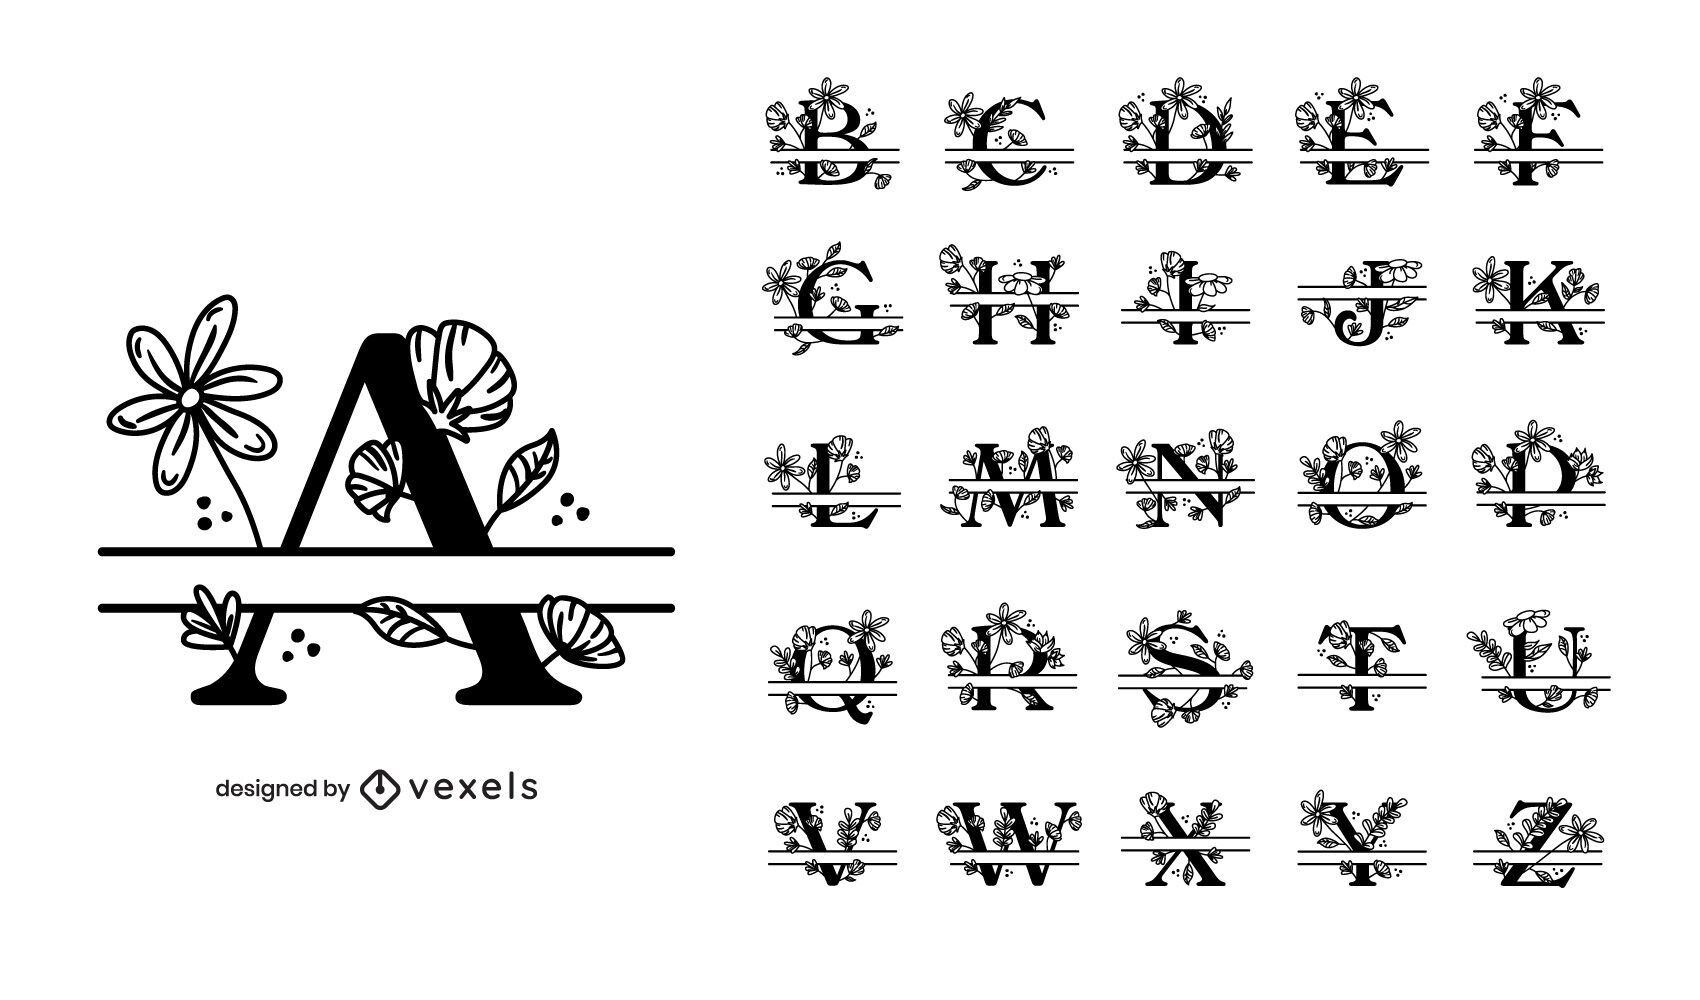 Diseño de conjunto de alfabeto floral dividido